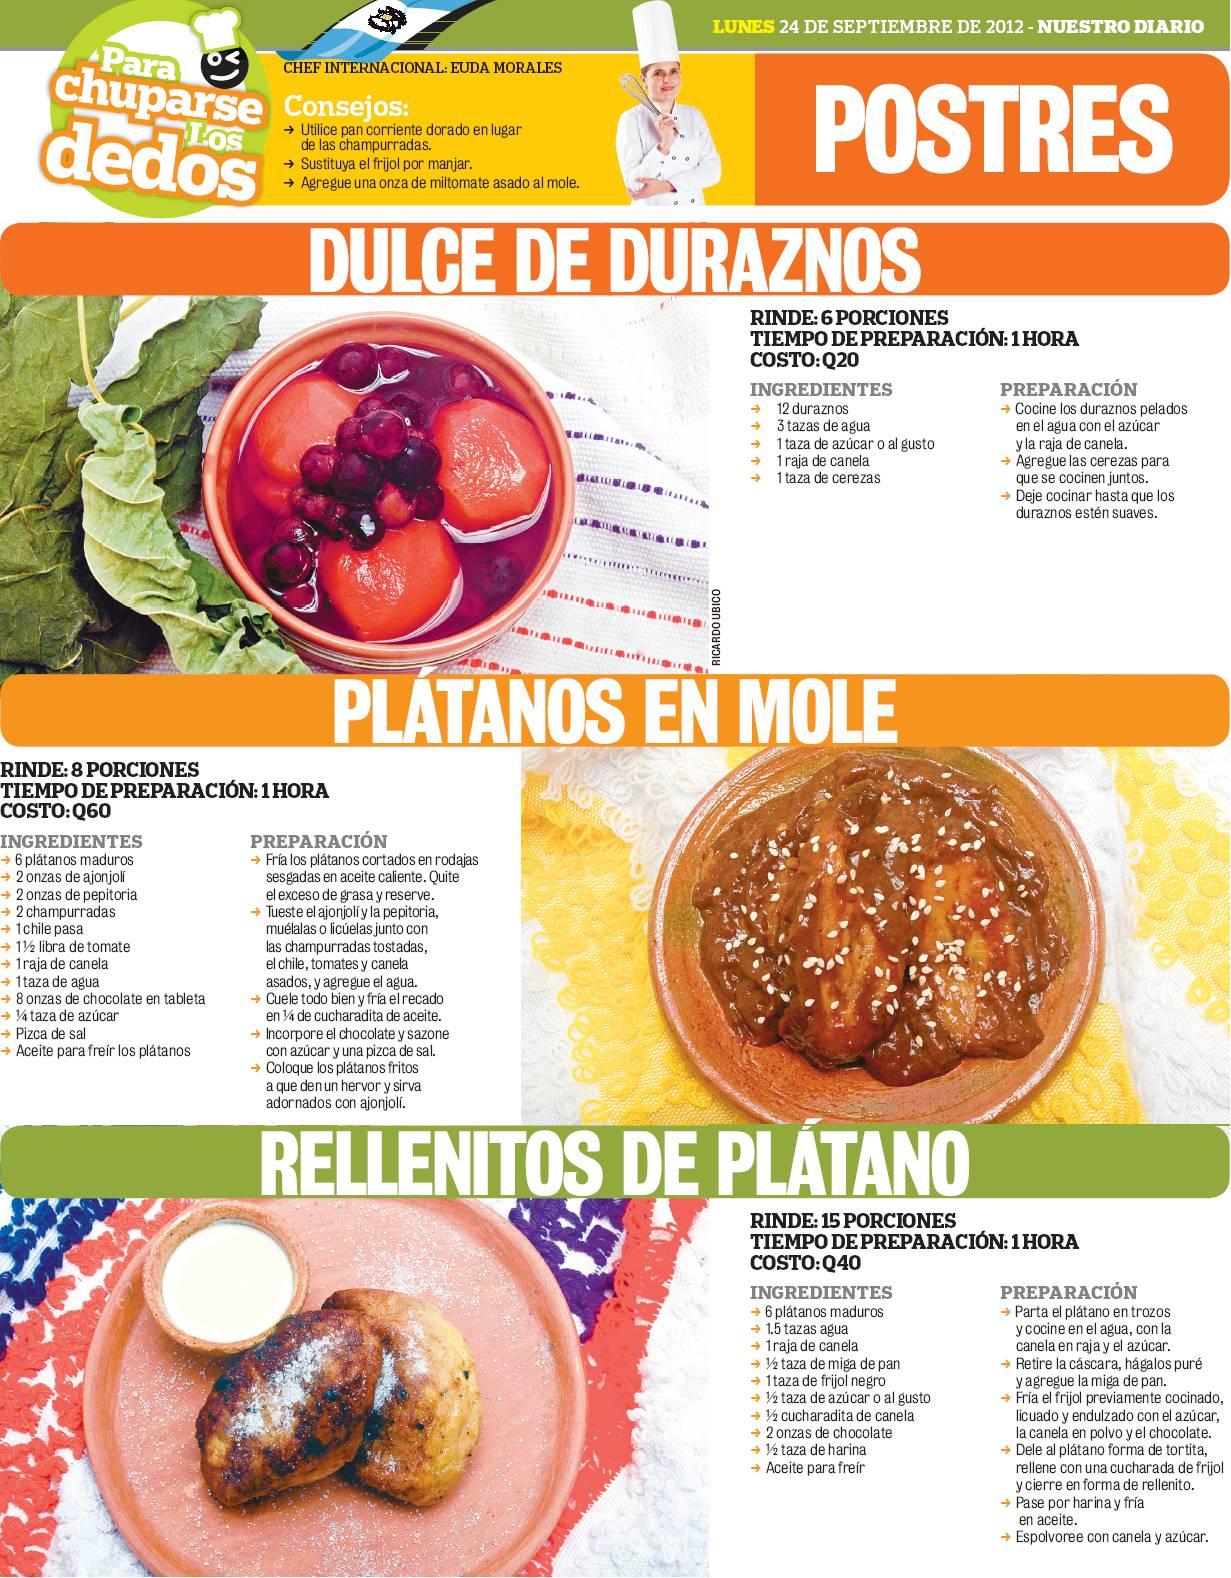 Cocinas y Recetas Postres guatemaltecos